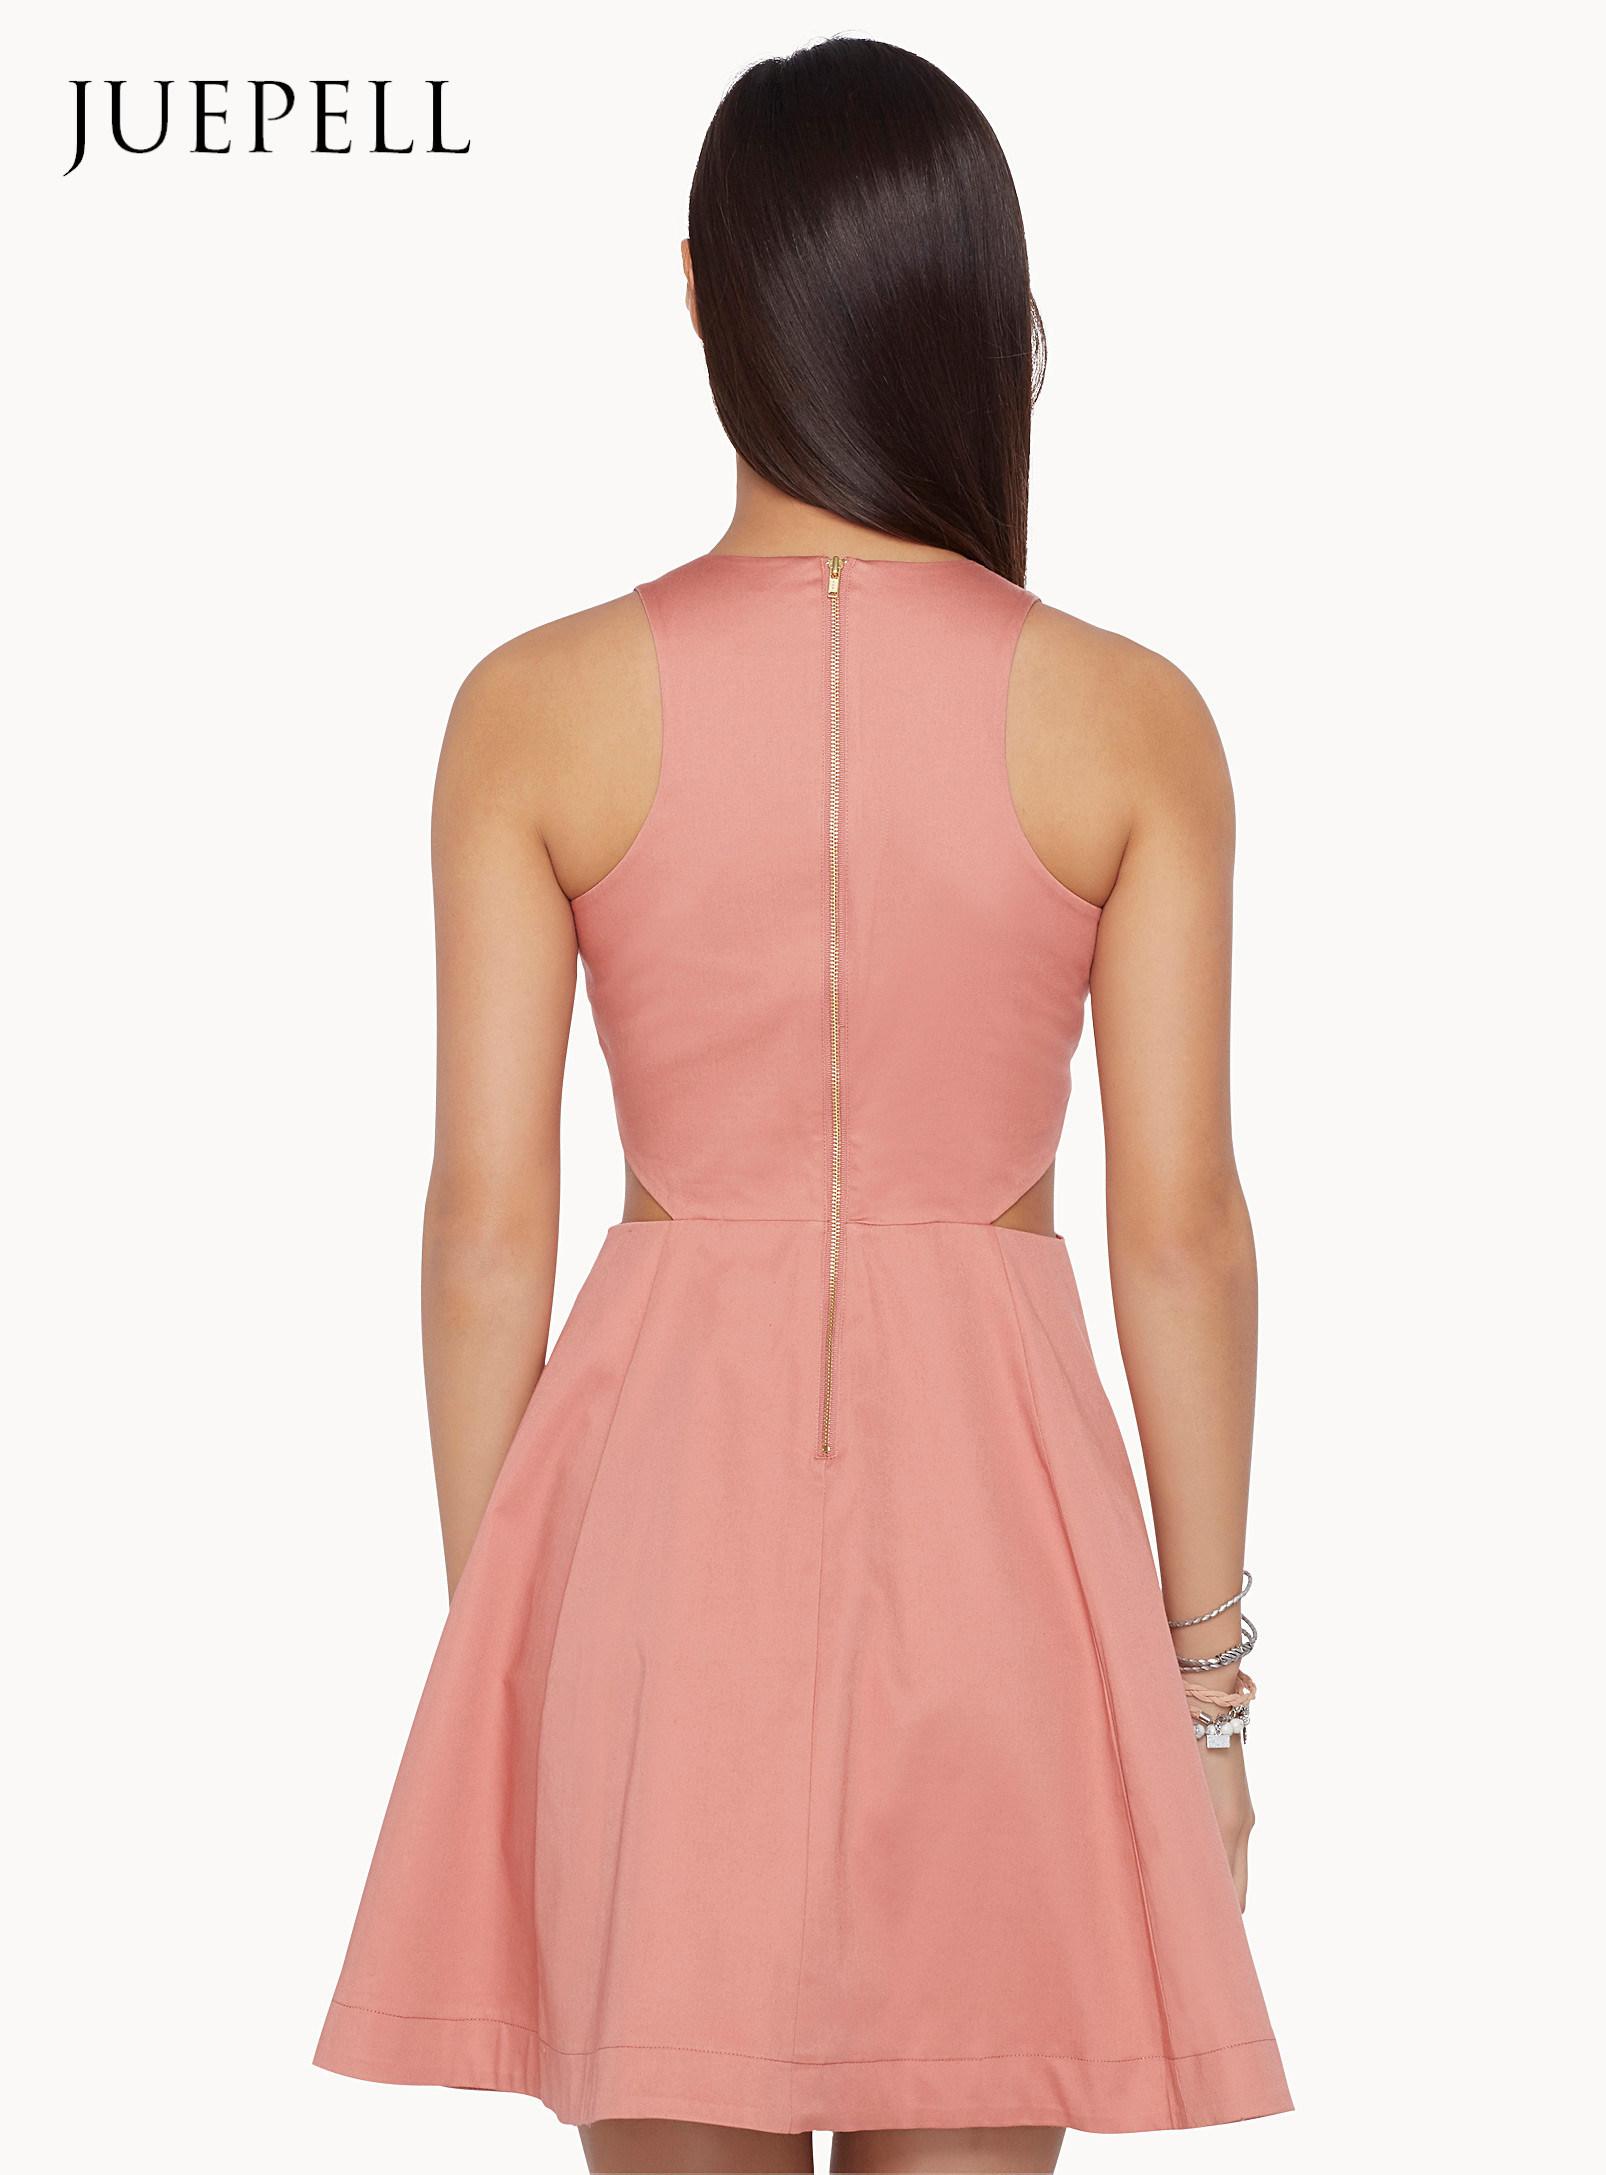 Bare Skin Cutout Waist Dress